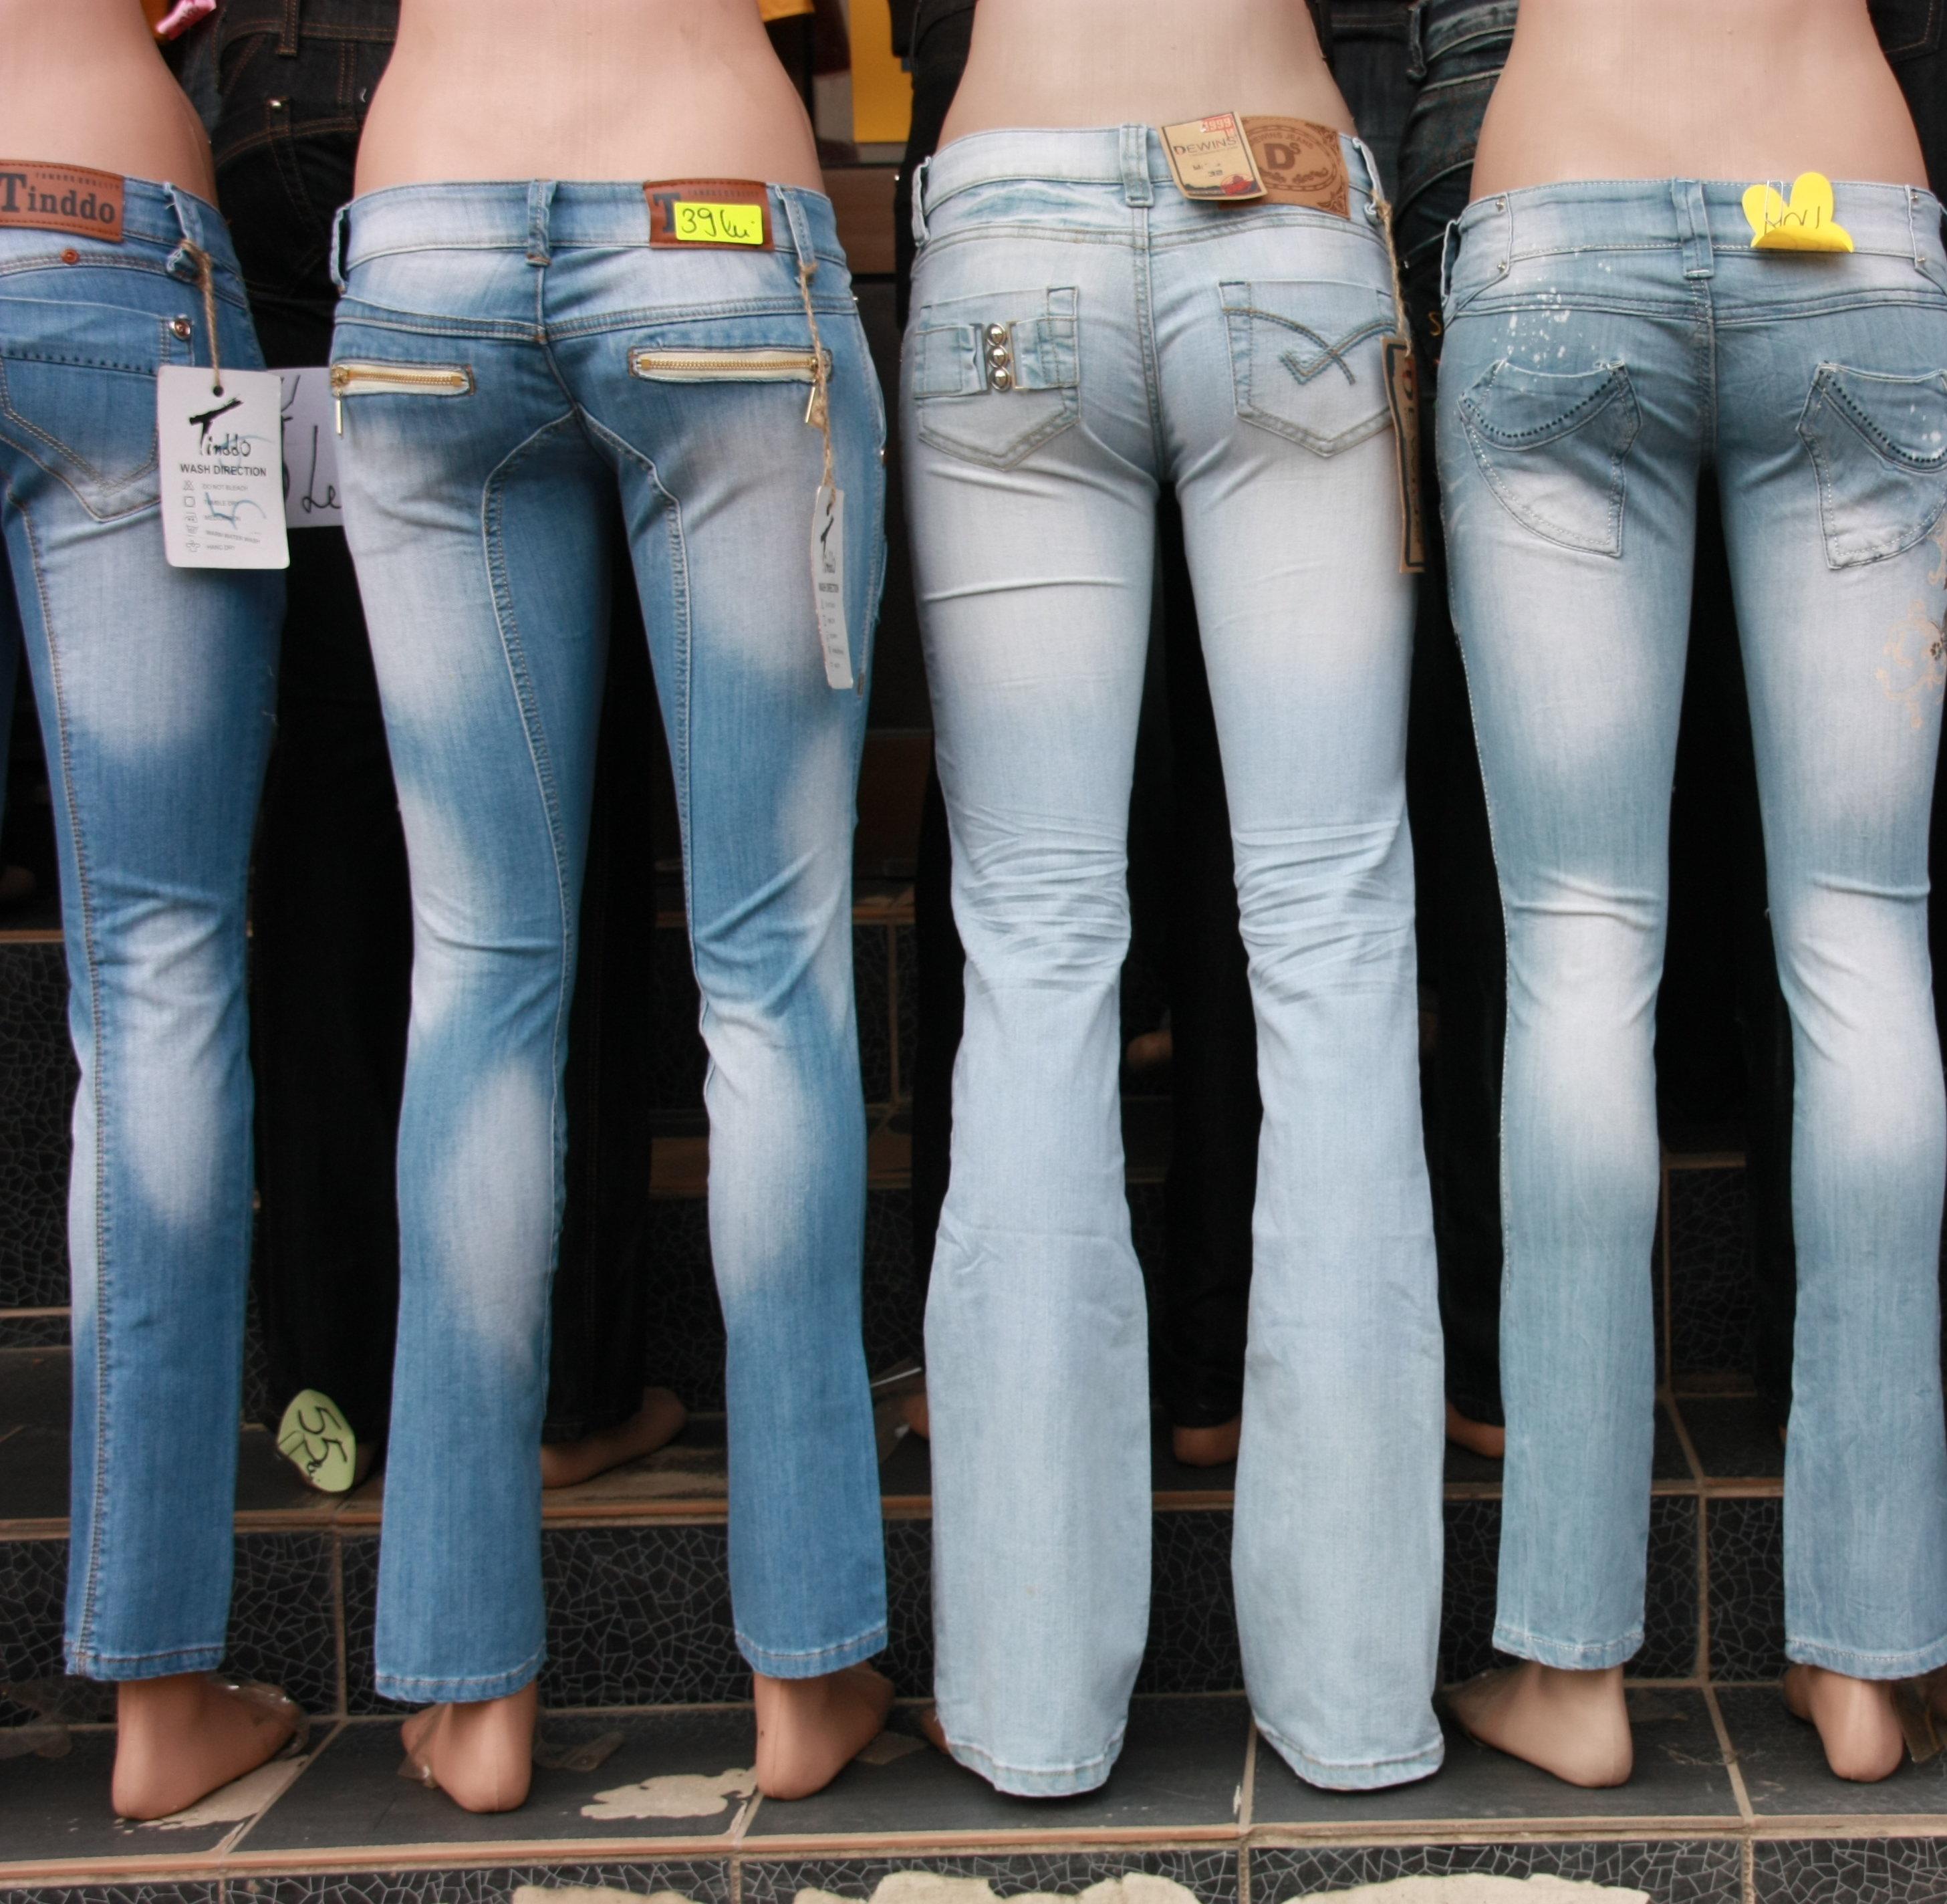 Benetton a creat jeansii pentru toate formele si marimile